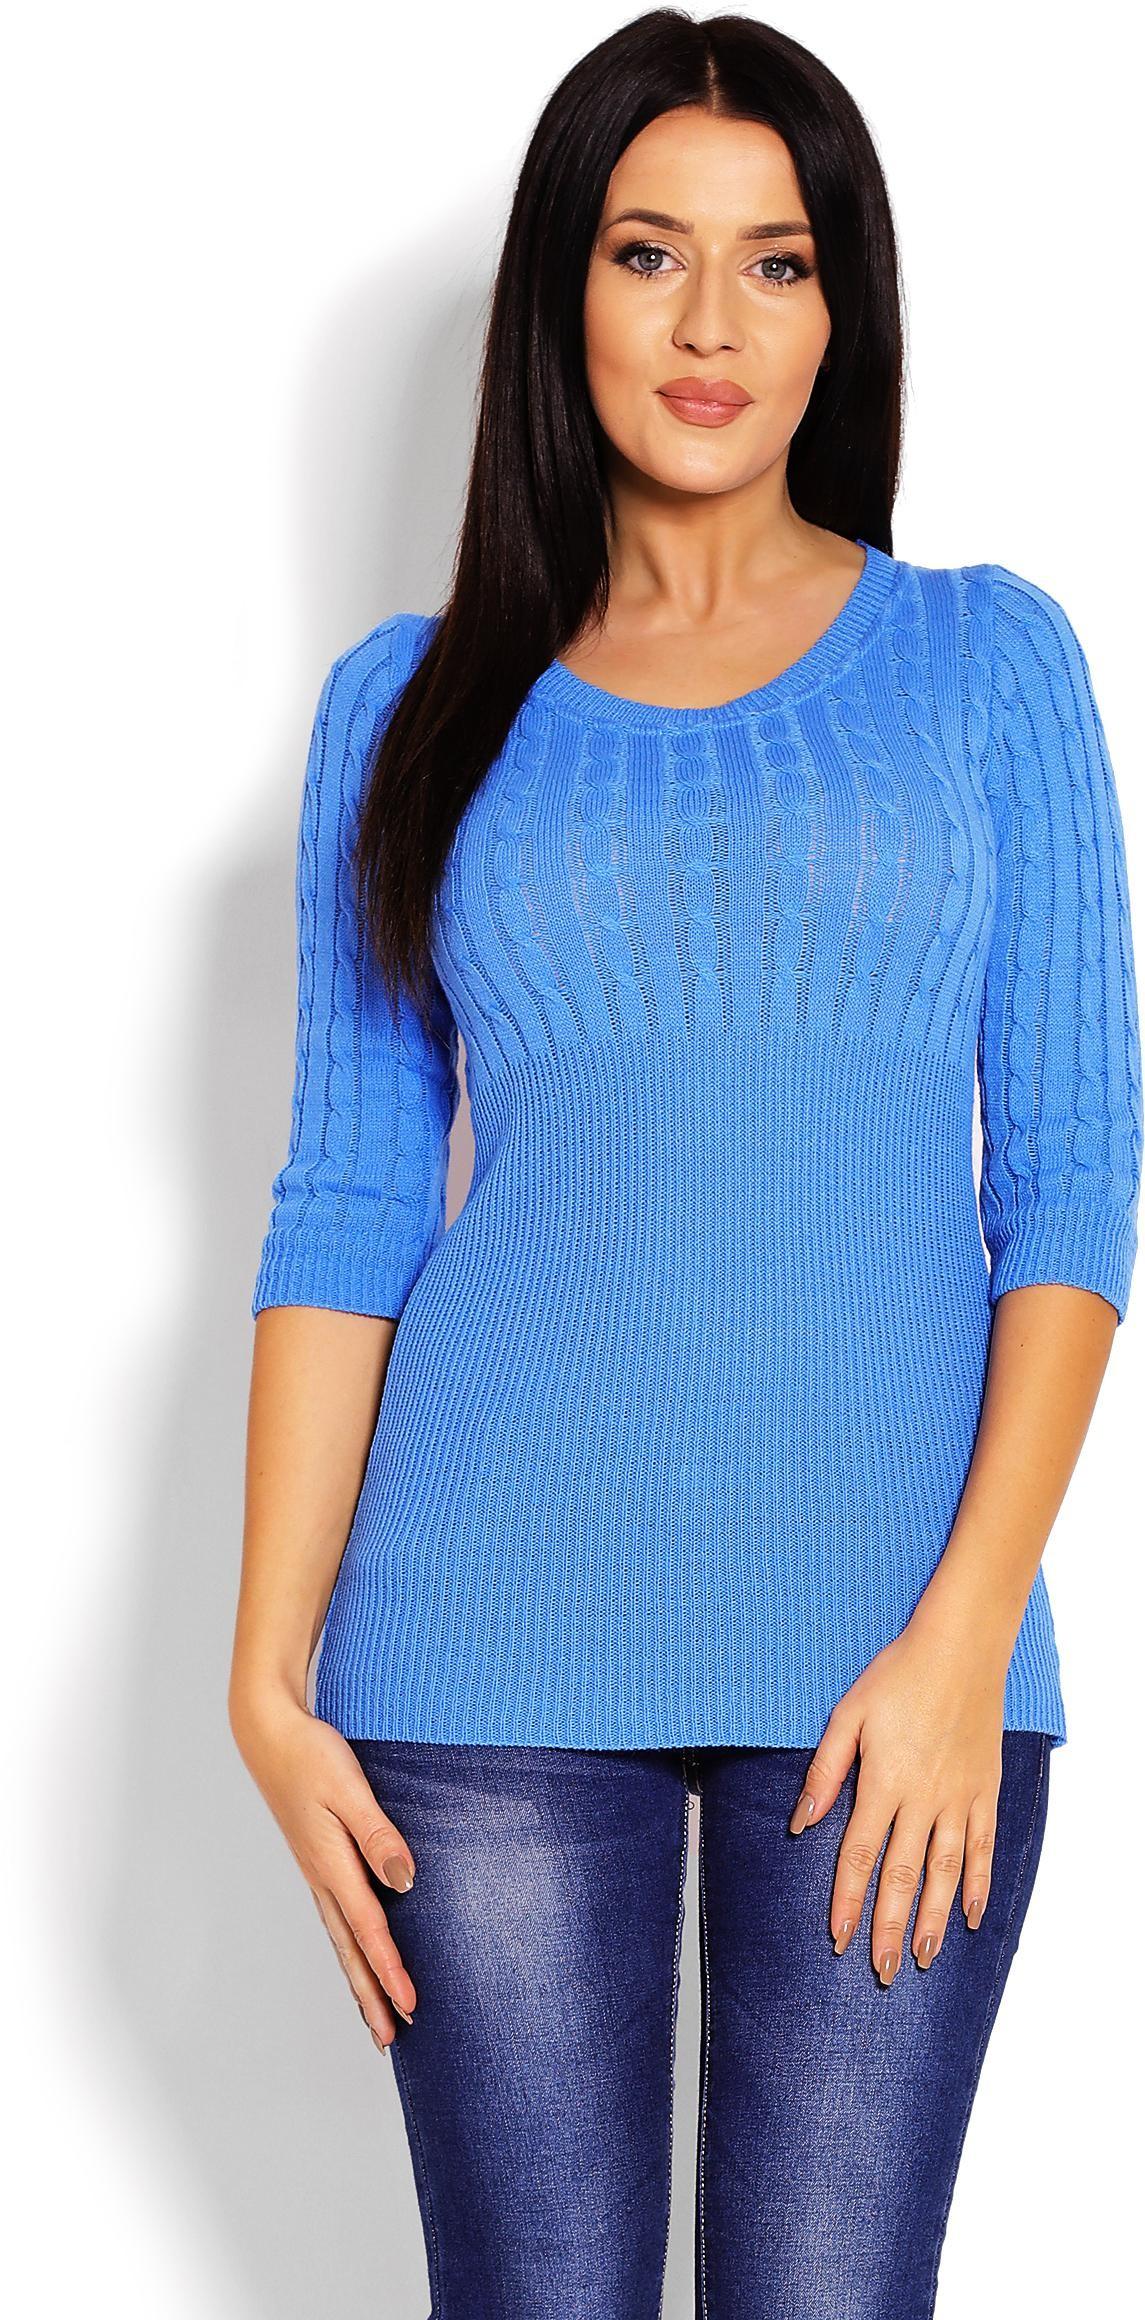 Dámsky sveter s 3/4 rukávom 70008 - modrý - Uni